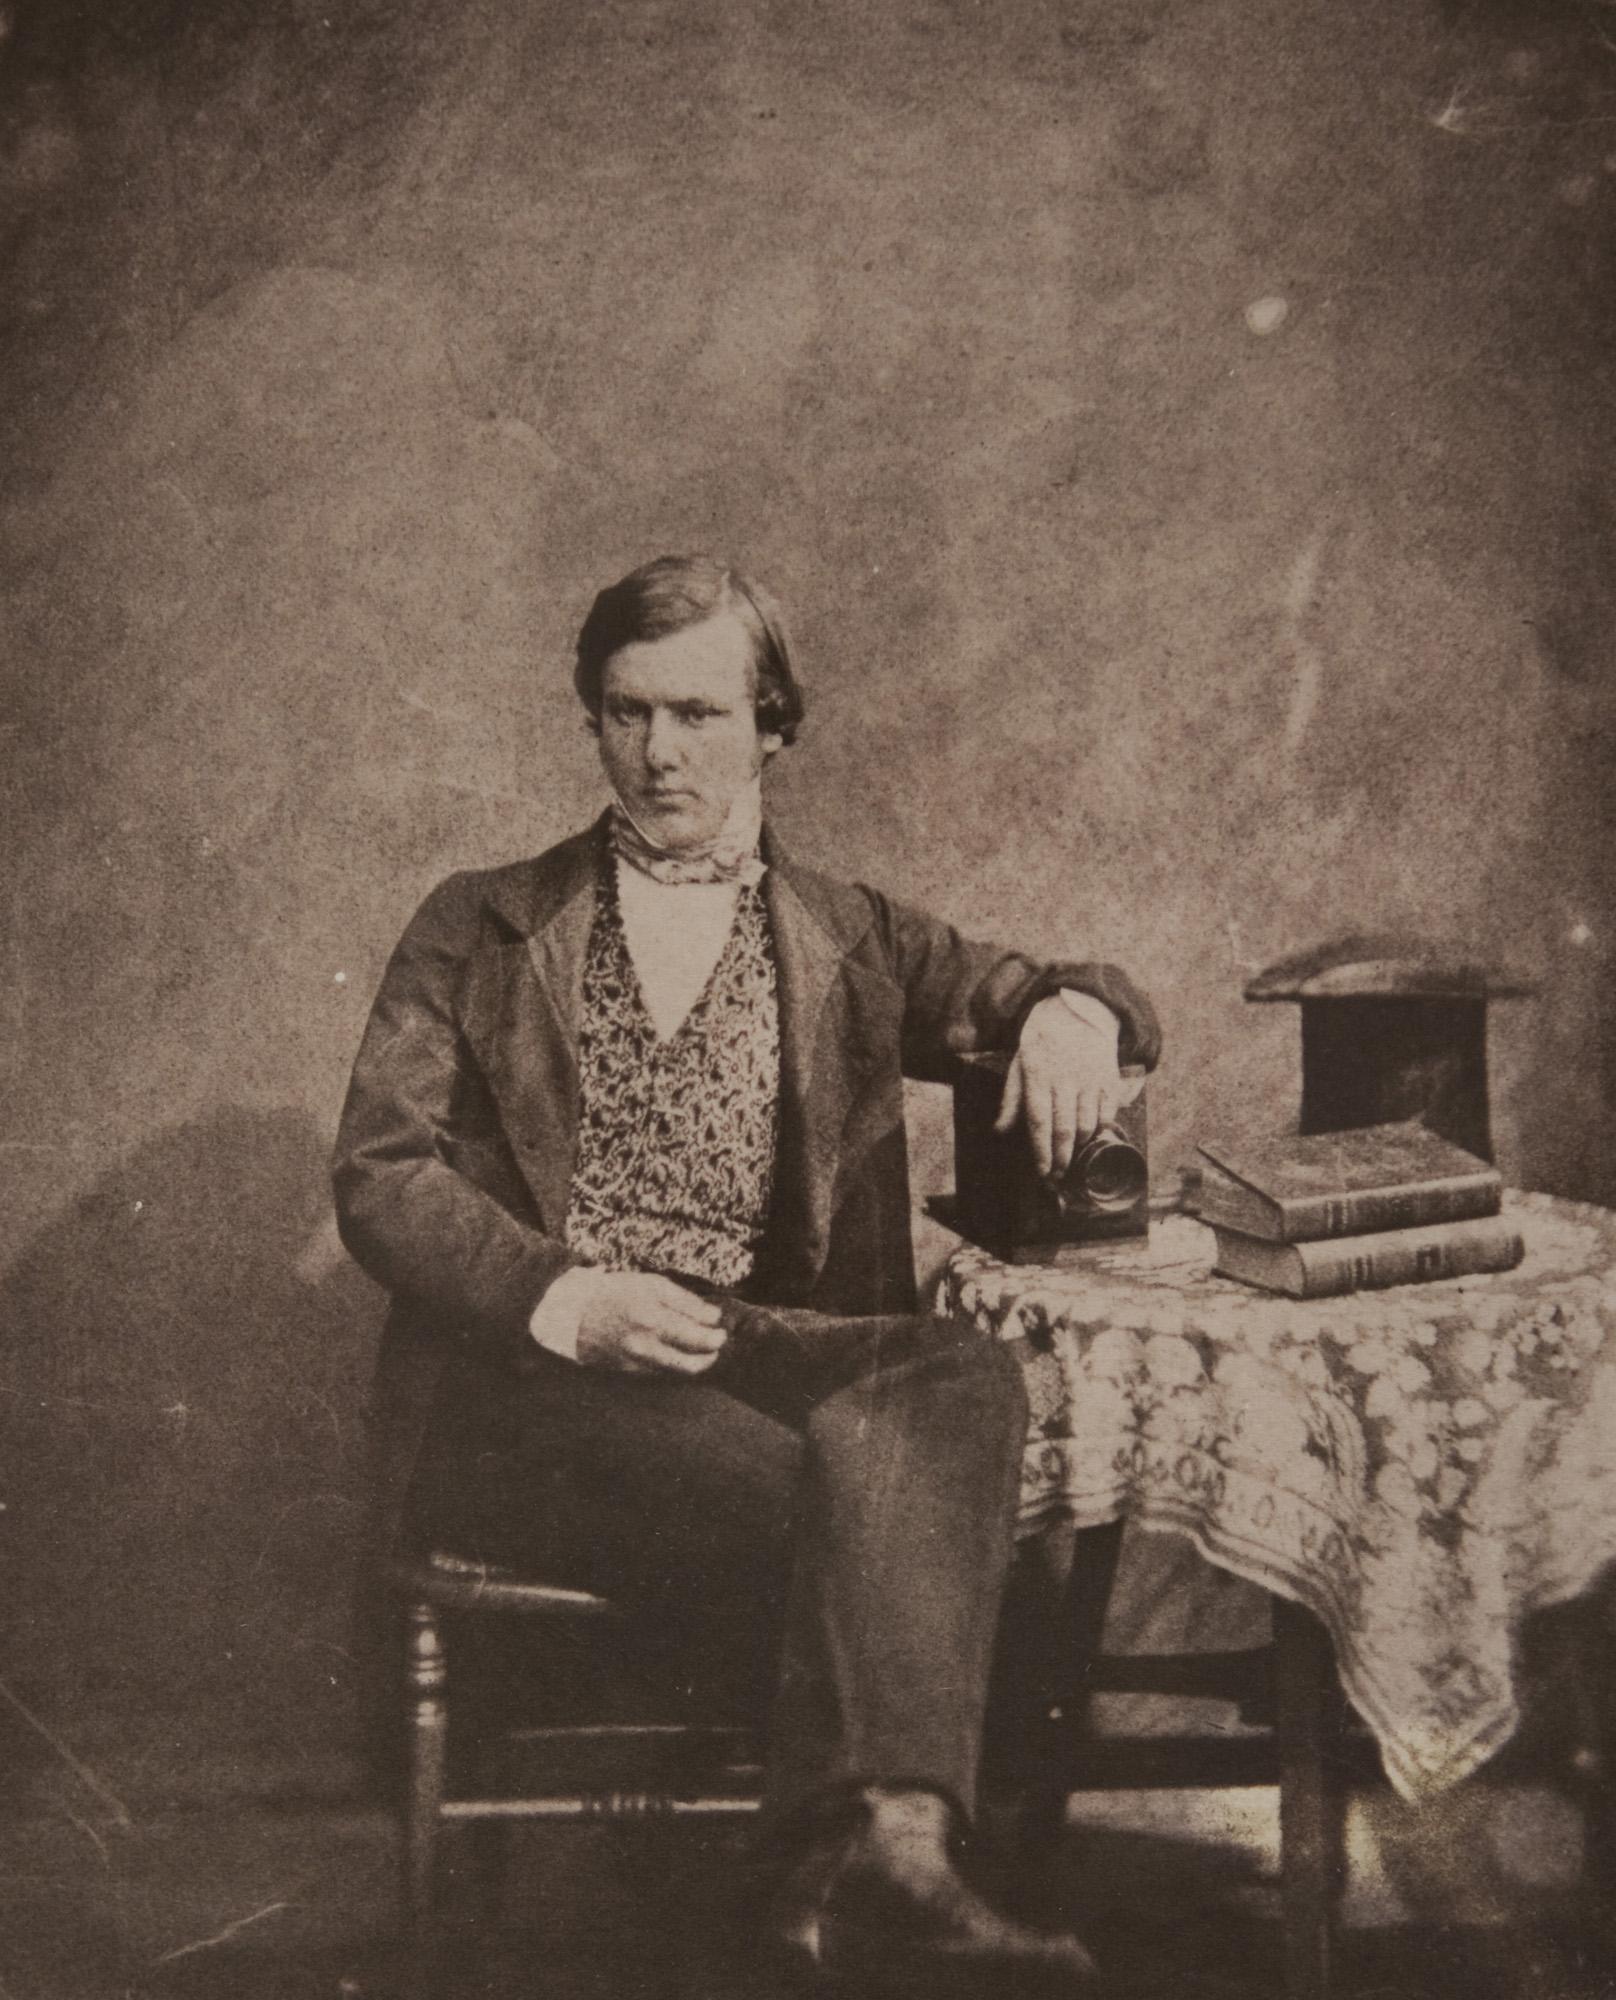 Image of Mervyn Herbert Nevil Story-Maskelyne from Wikidata